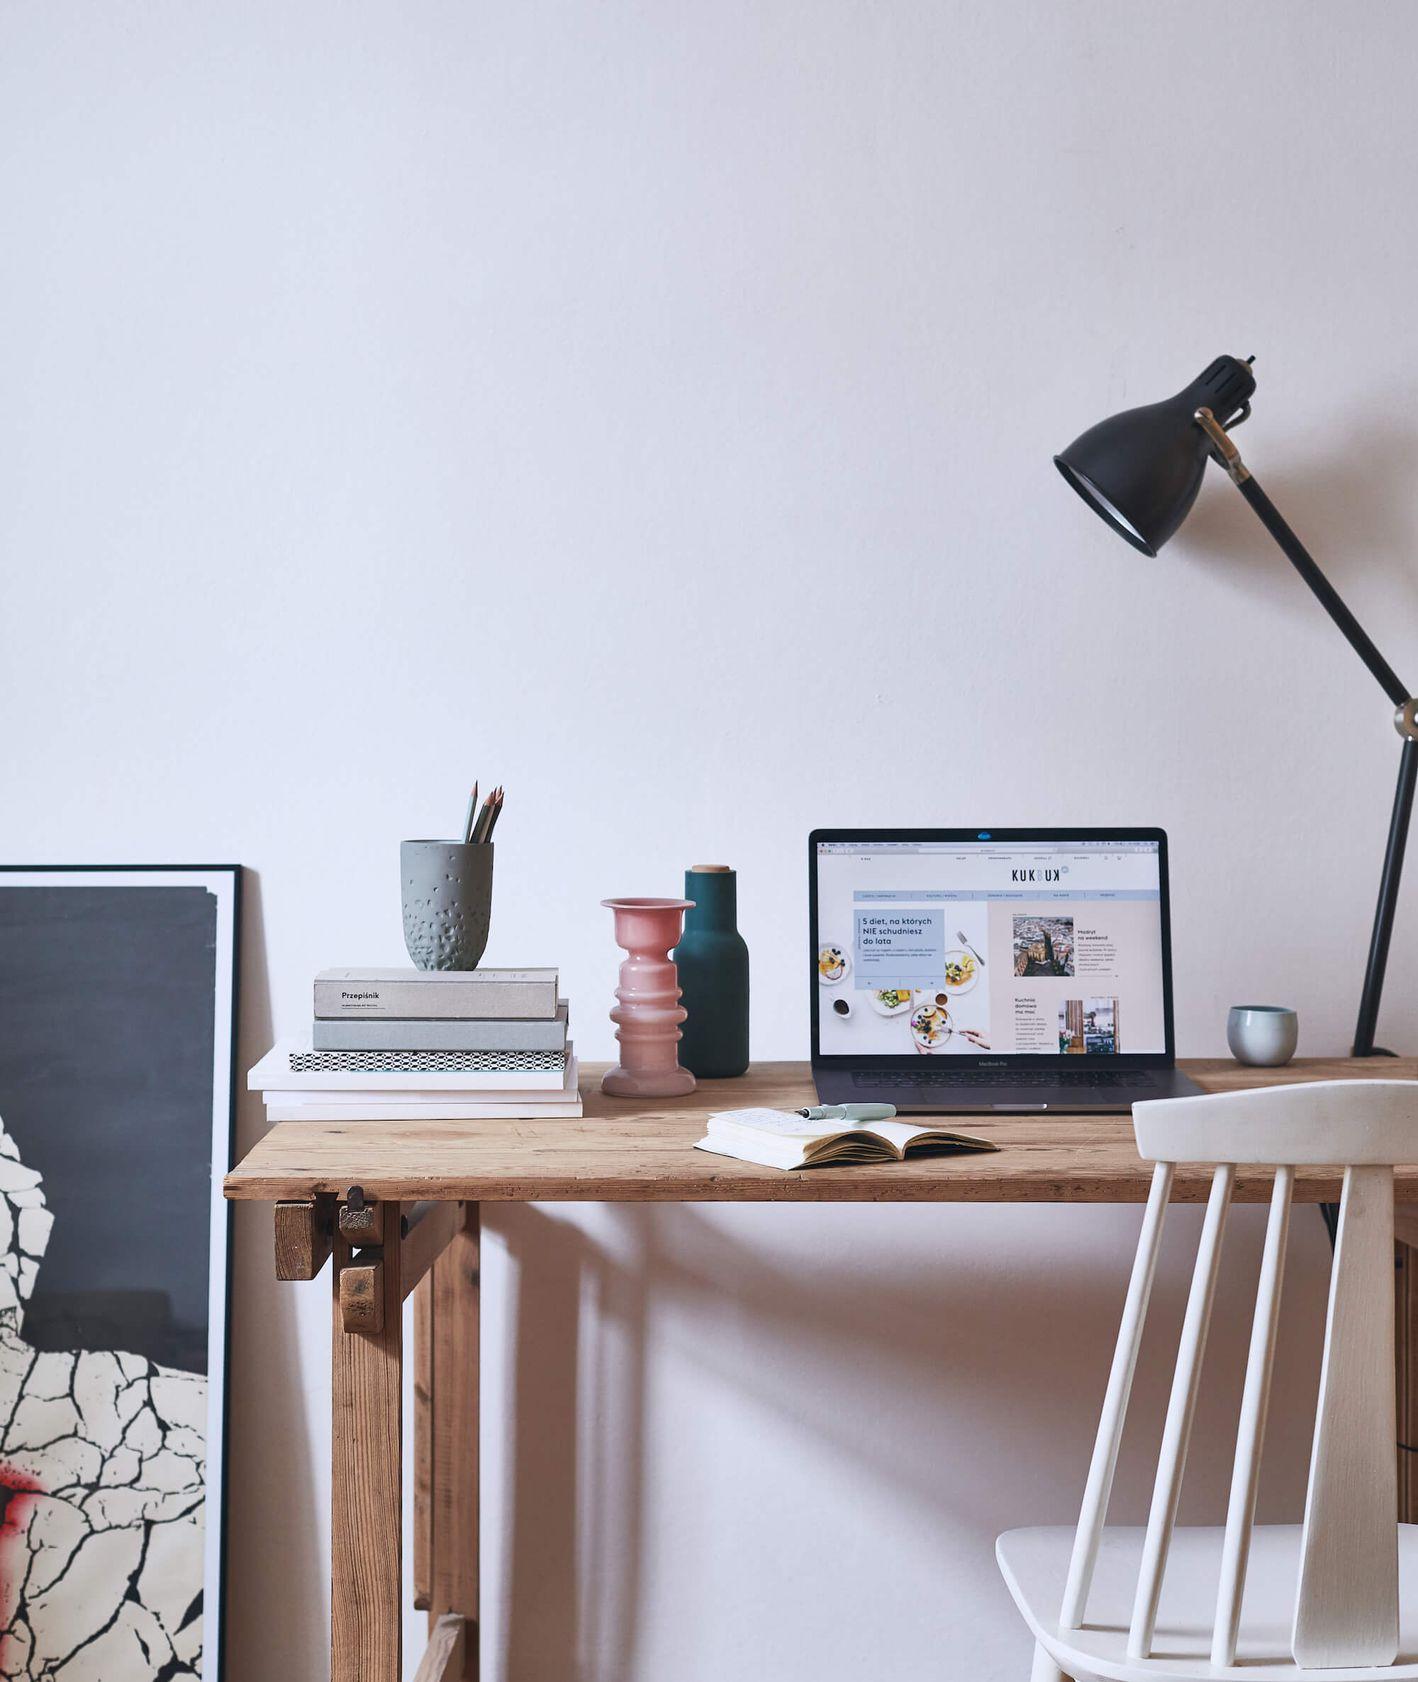 Przygotowane do pracy biurko, na nim laptop, lampka, książki, notes (fot. Maciej Niemojewski)